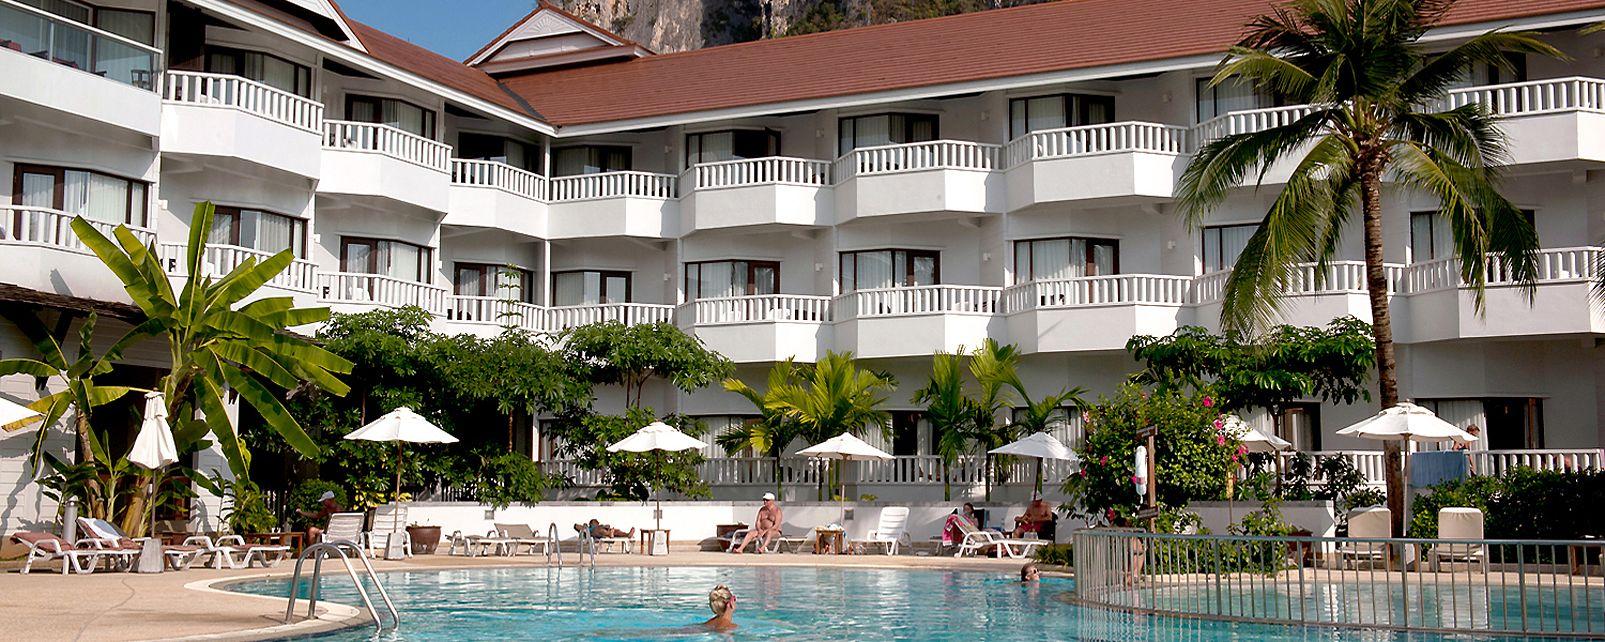 Hôtel Ao Nang Villa Resort Krabi